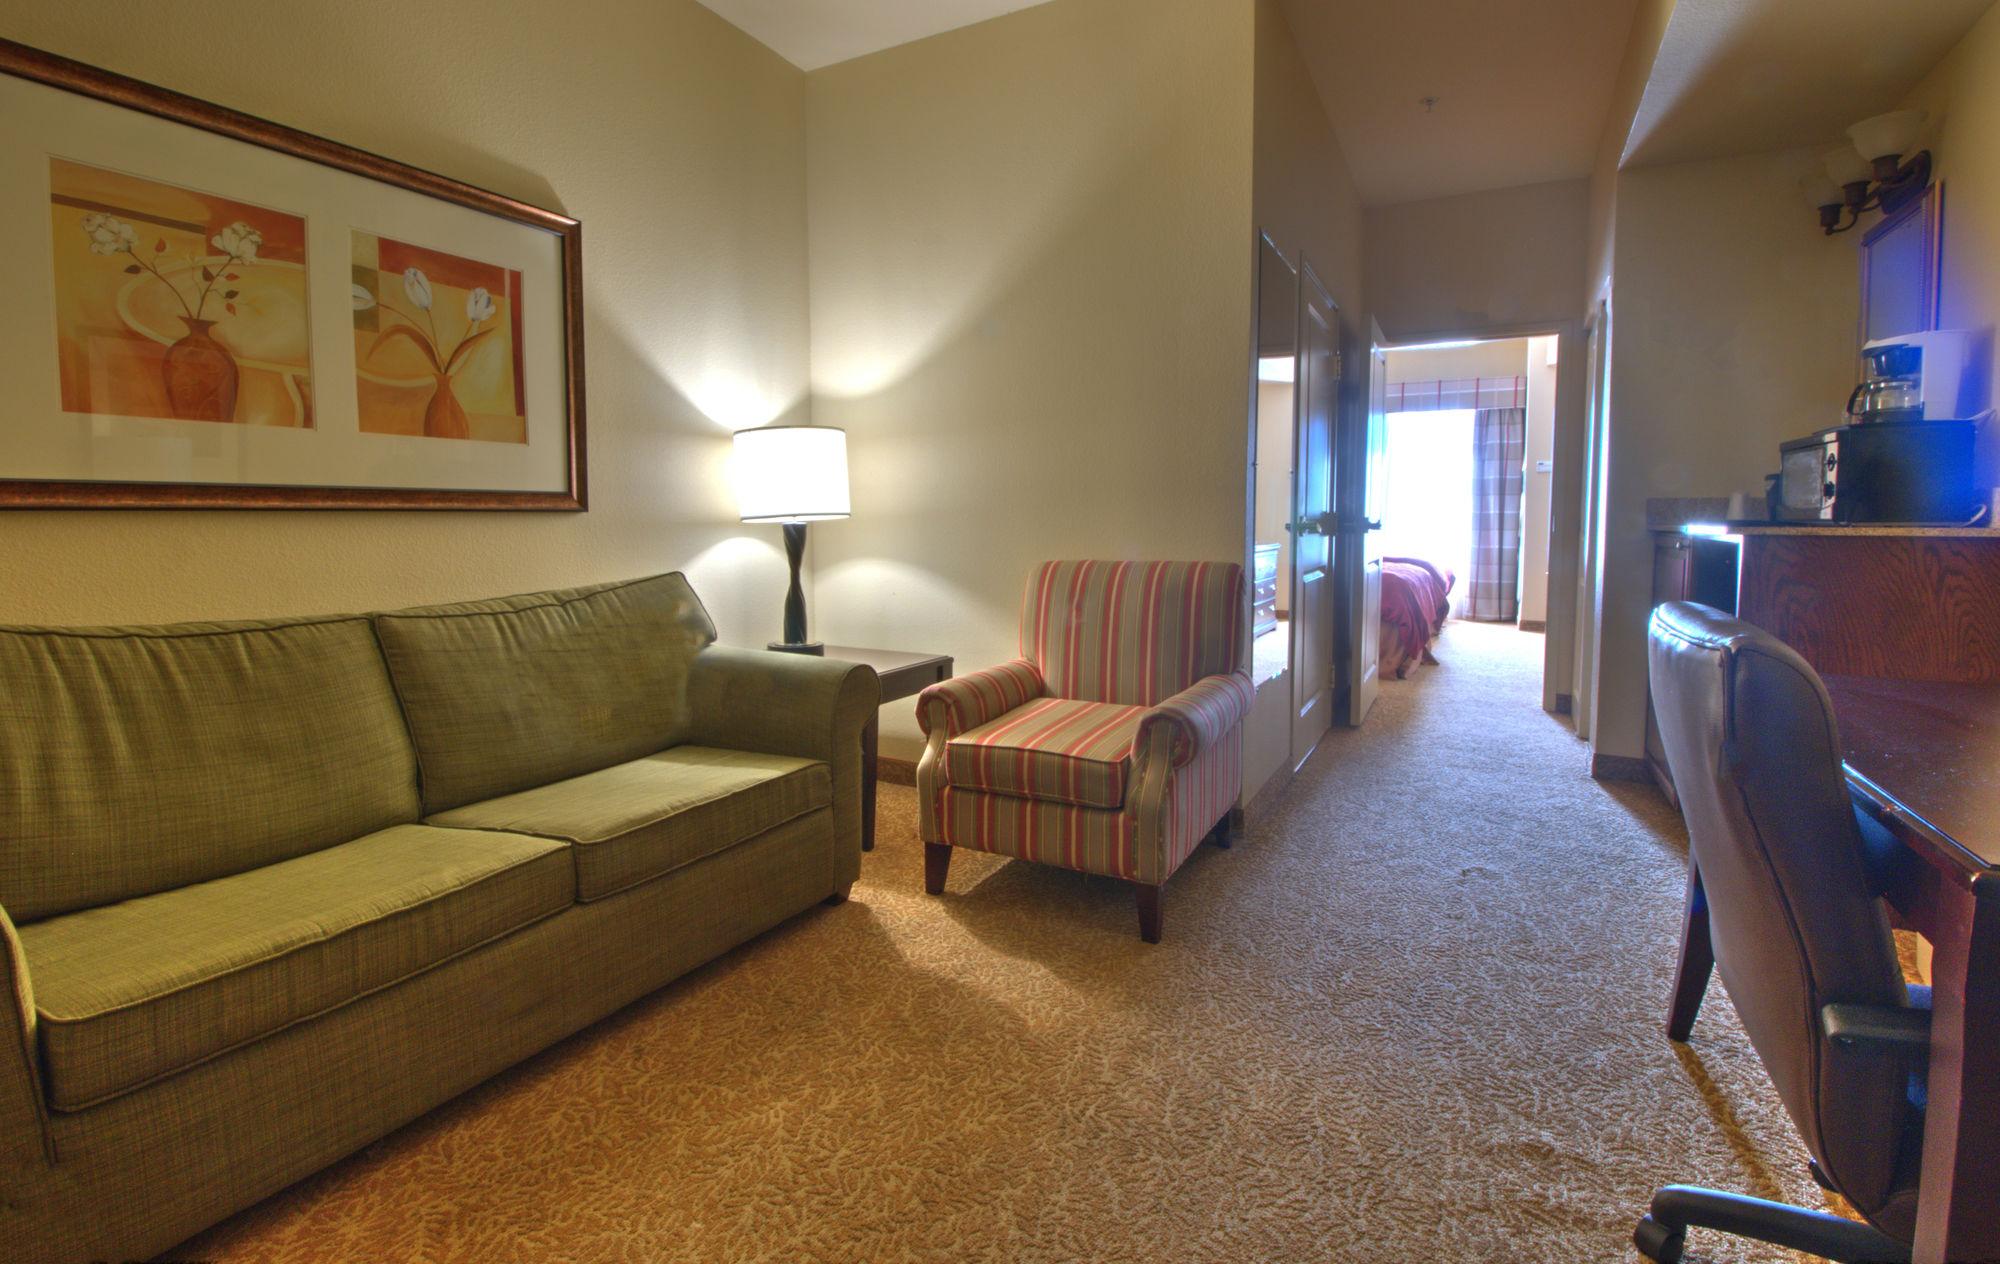 Country Inn & Suites By Carlson, Meridian, MS in Meridian, MS